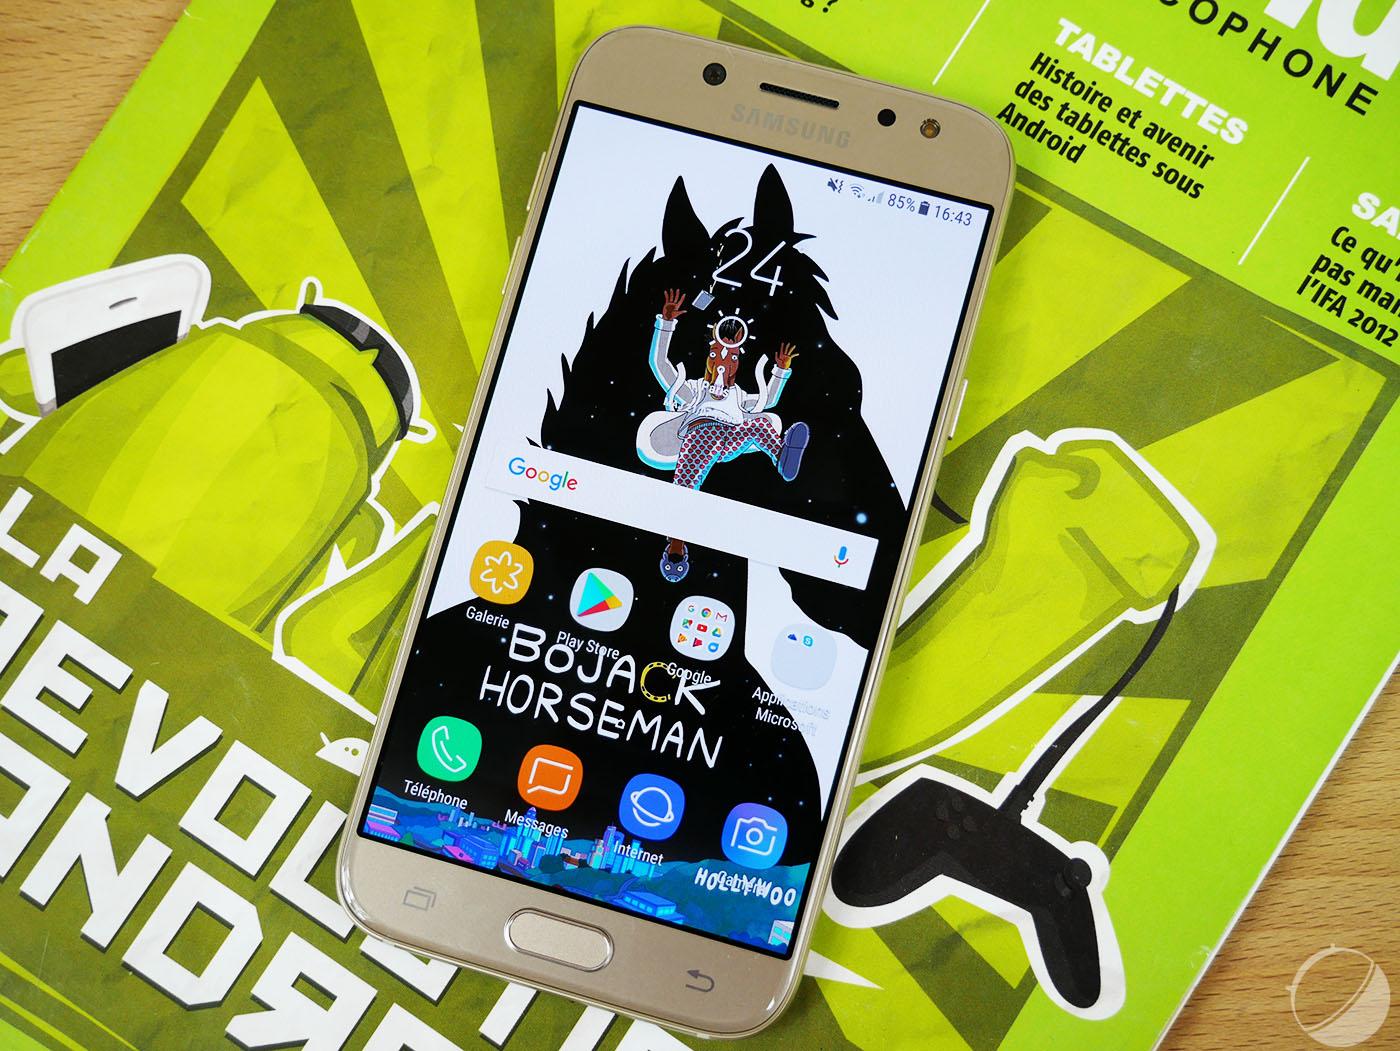 Test du Samsung Galaxy J5 (2017) : une version améliorée mais toujours coûteuse